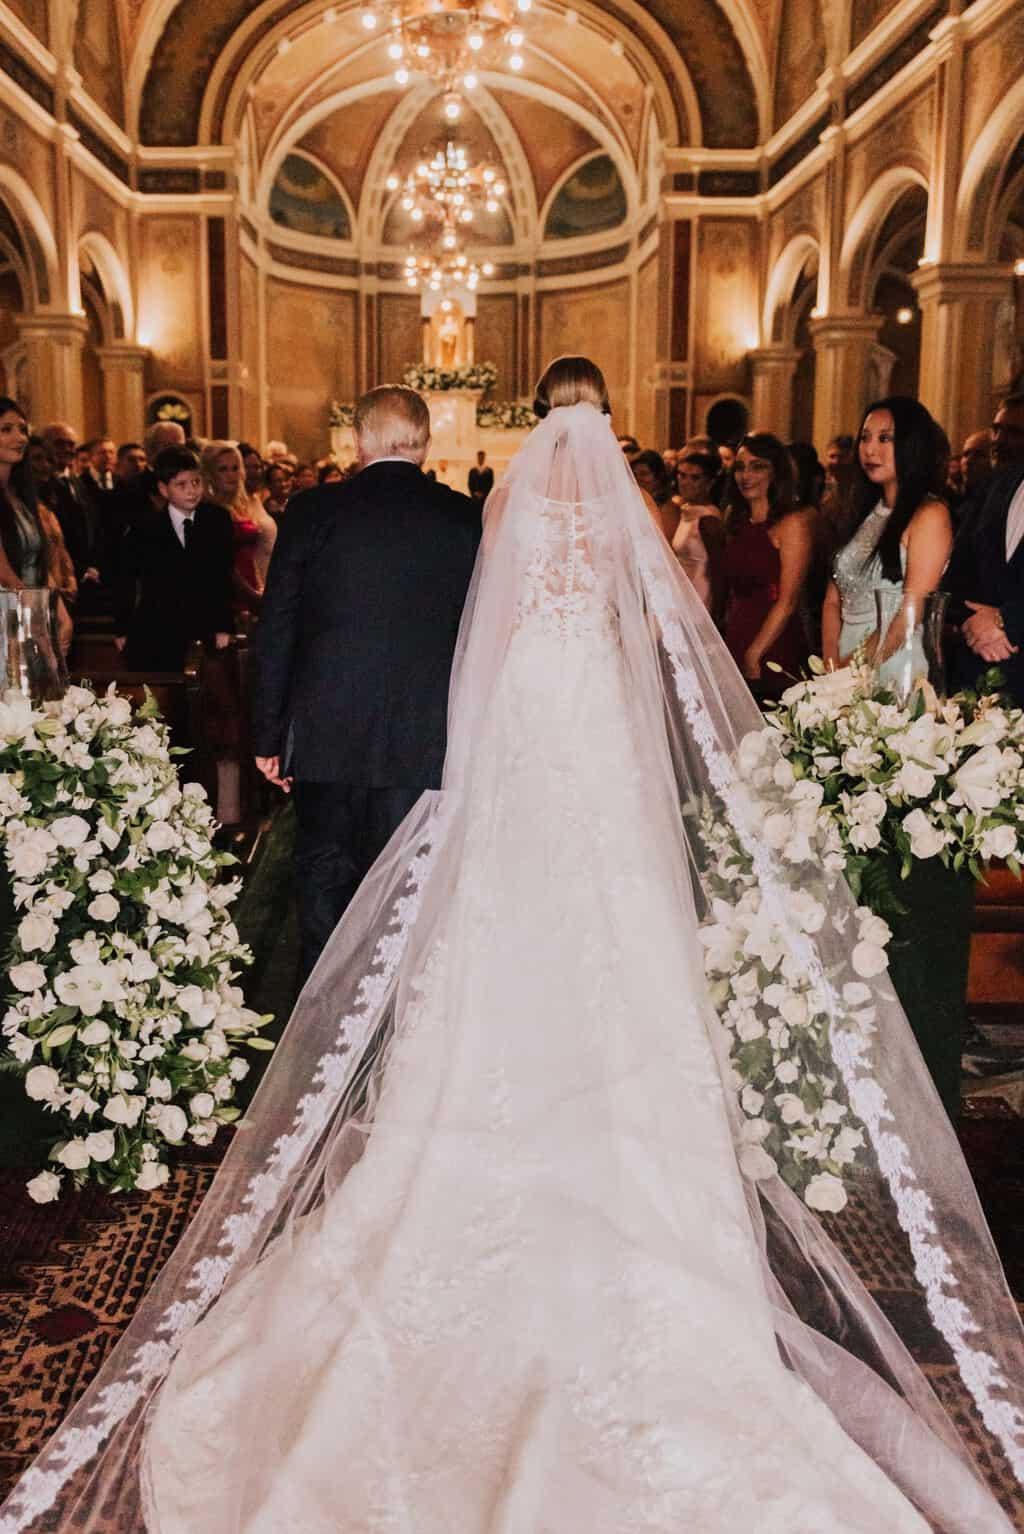 Braulio-Delai-casamento-Luciana-e-Eduardo-cerimonia-na-igreja-Cerimonial-Sandra-Colin-Fotografia-Mana-Gollo-Igreja-Santa-Terezinha-e-Espaço-Klaine11